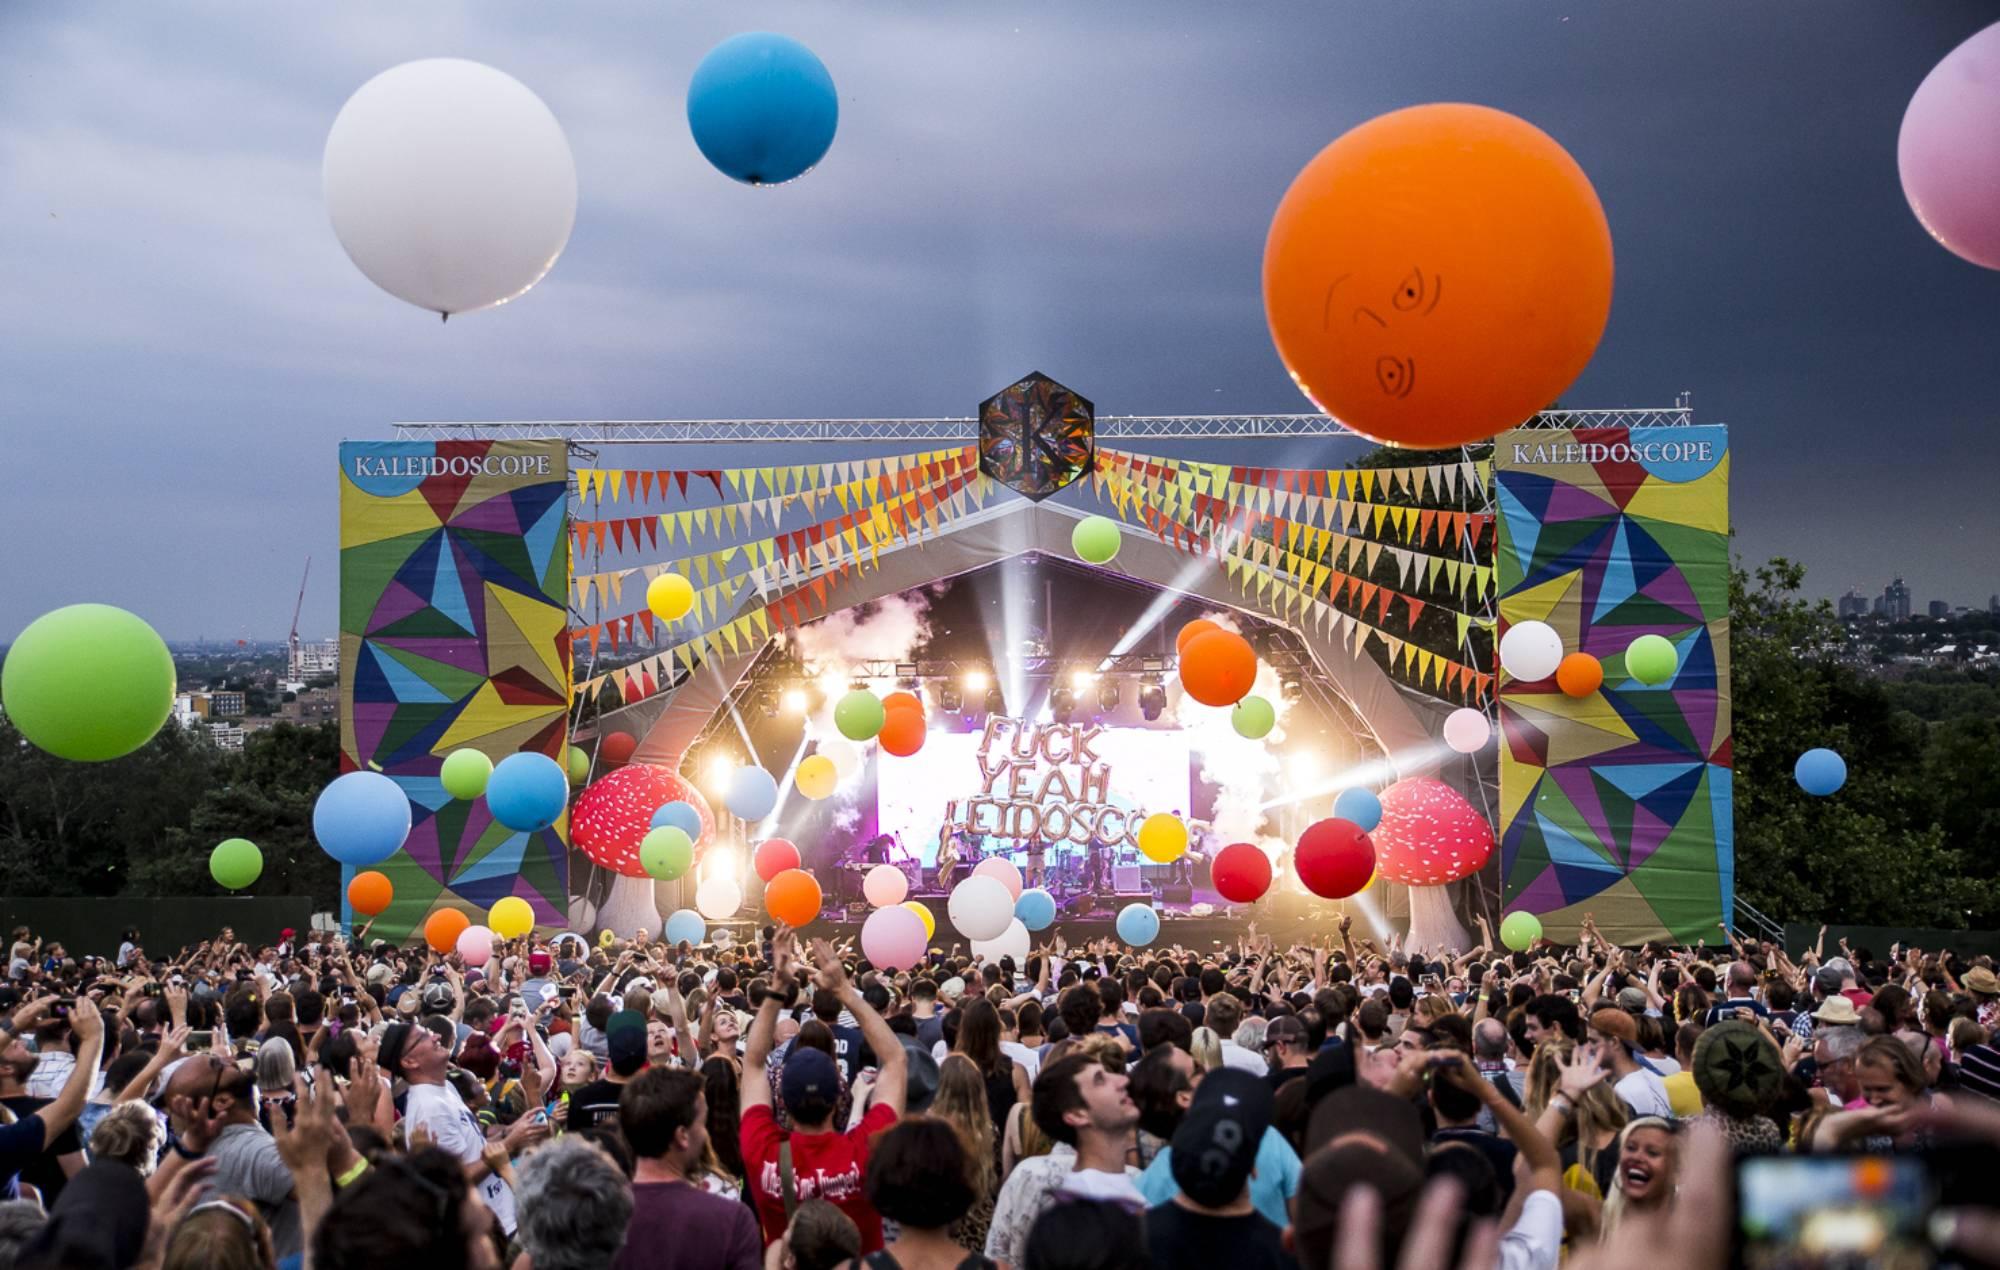 Day-festivals-in-london-Kaleidoscope